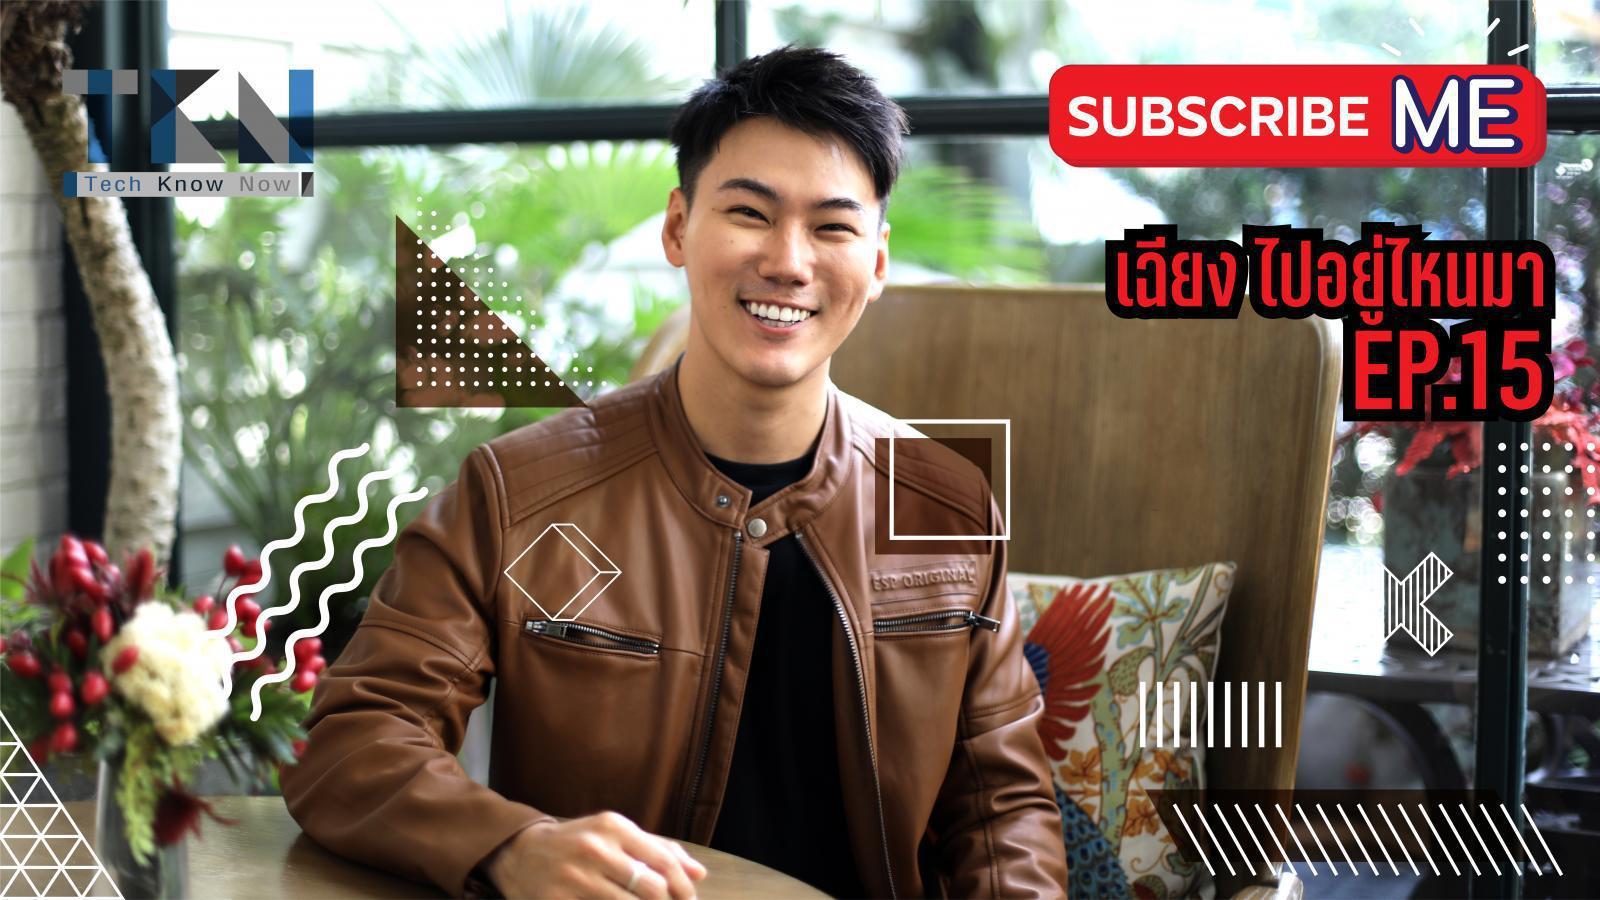 Tech Know Now EP.15 | สจ๊วตที่โด่งดังจากคอนเทนต์มาลองขับ Grab | PPTV HD 36